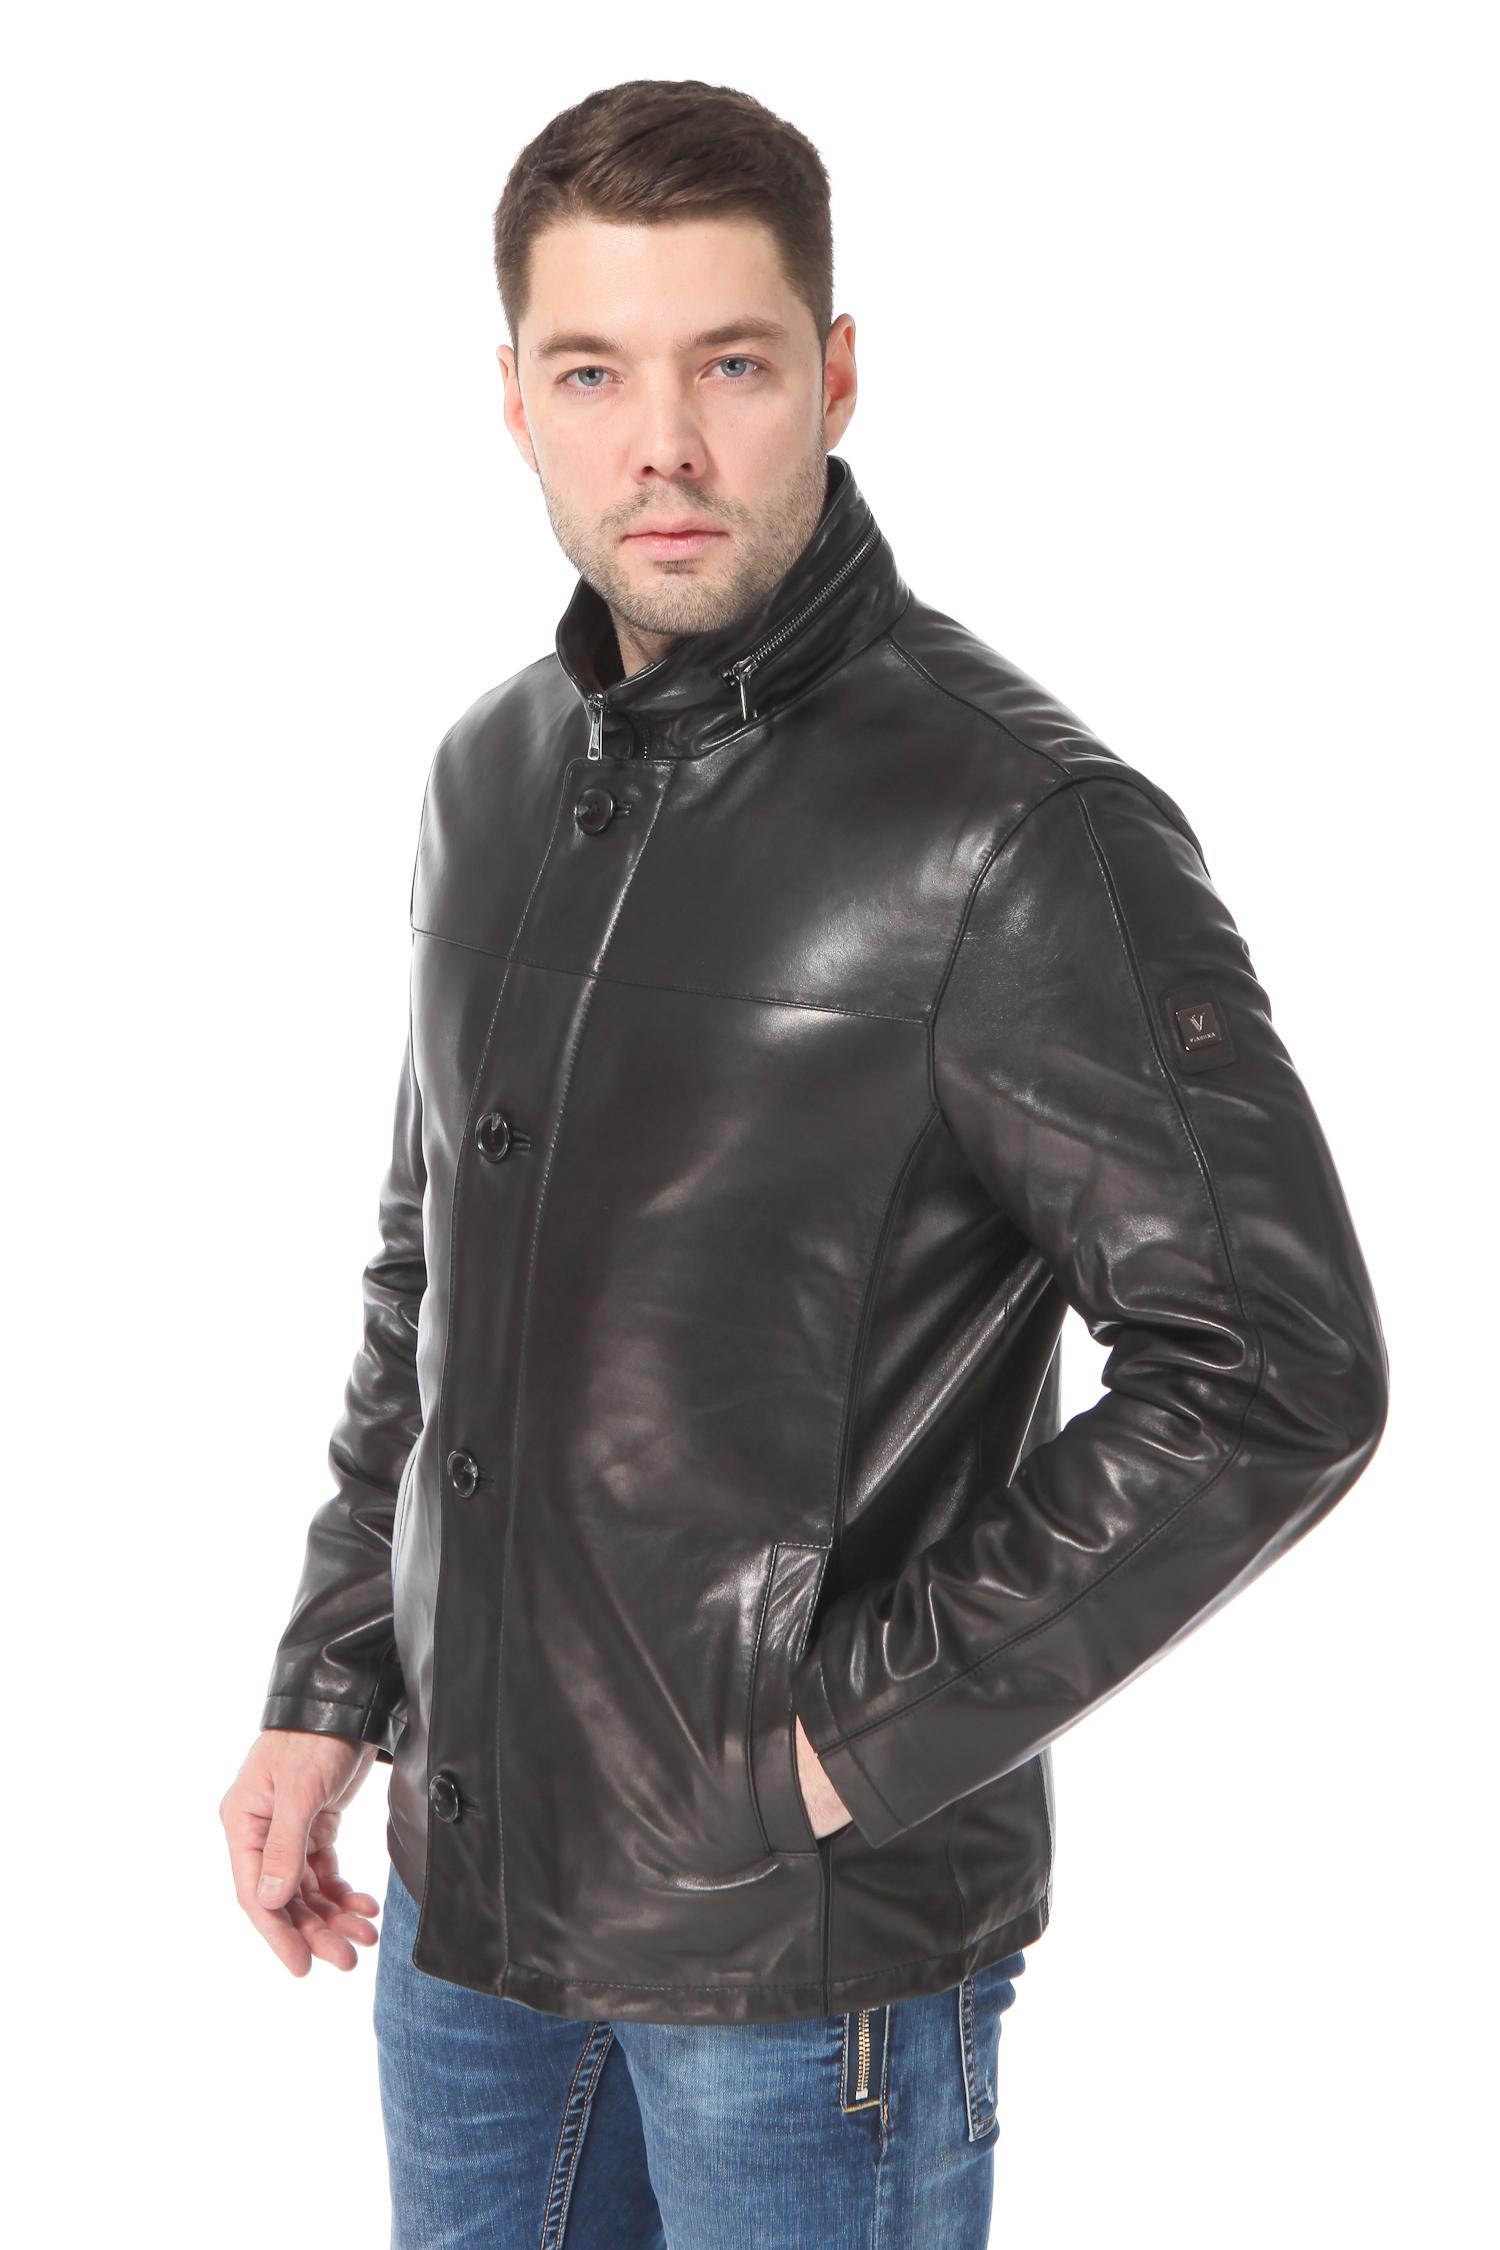 Мужская кожаная куртка из натуральной кожи<br><br>Воротник: стойка<br>Длина см: Короткая (51-74 )<br>Материал: Кожа овчина<br>Цвет: черный<br>Пол: Мужской<br>Размер RU: 56